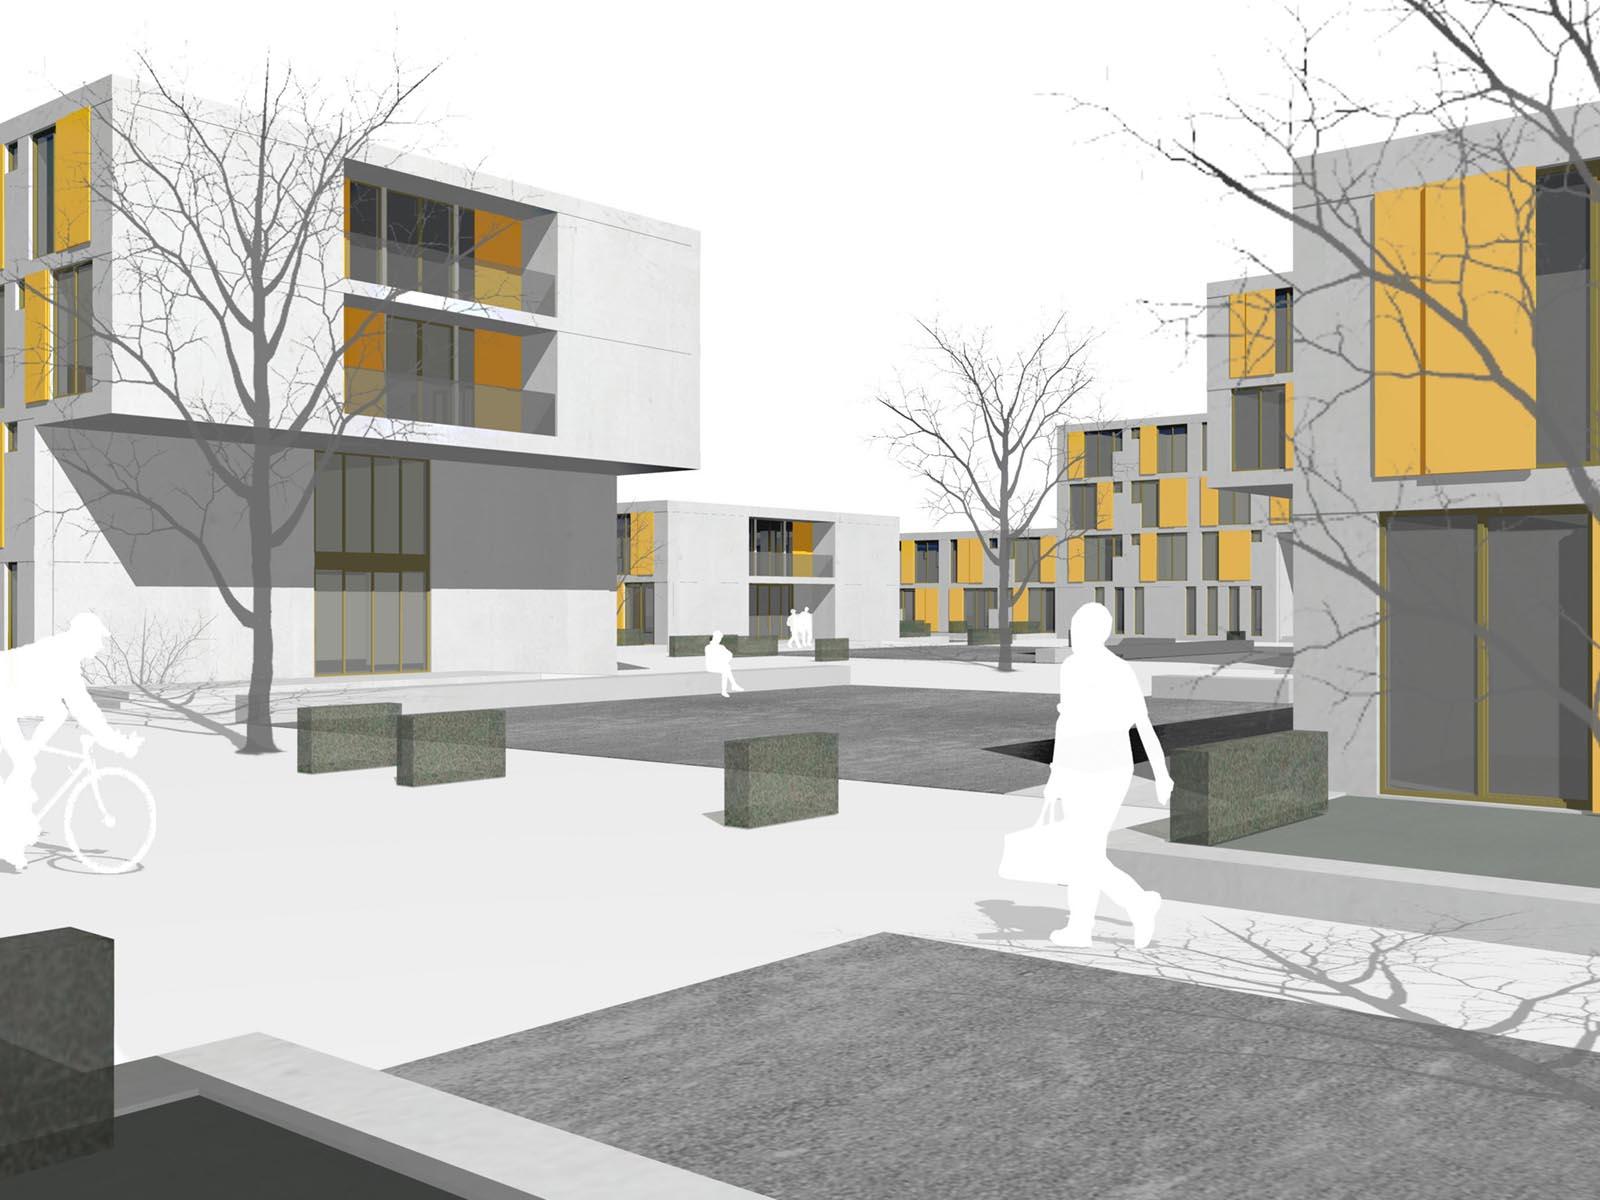 Perspektive-Neubau eines Studentenwohnheims in Augsburg-Wettbewerb-2009-5.Preis-© Friedrich-Poerschke-Zwink-Architekten